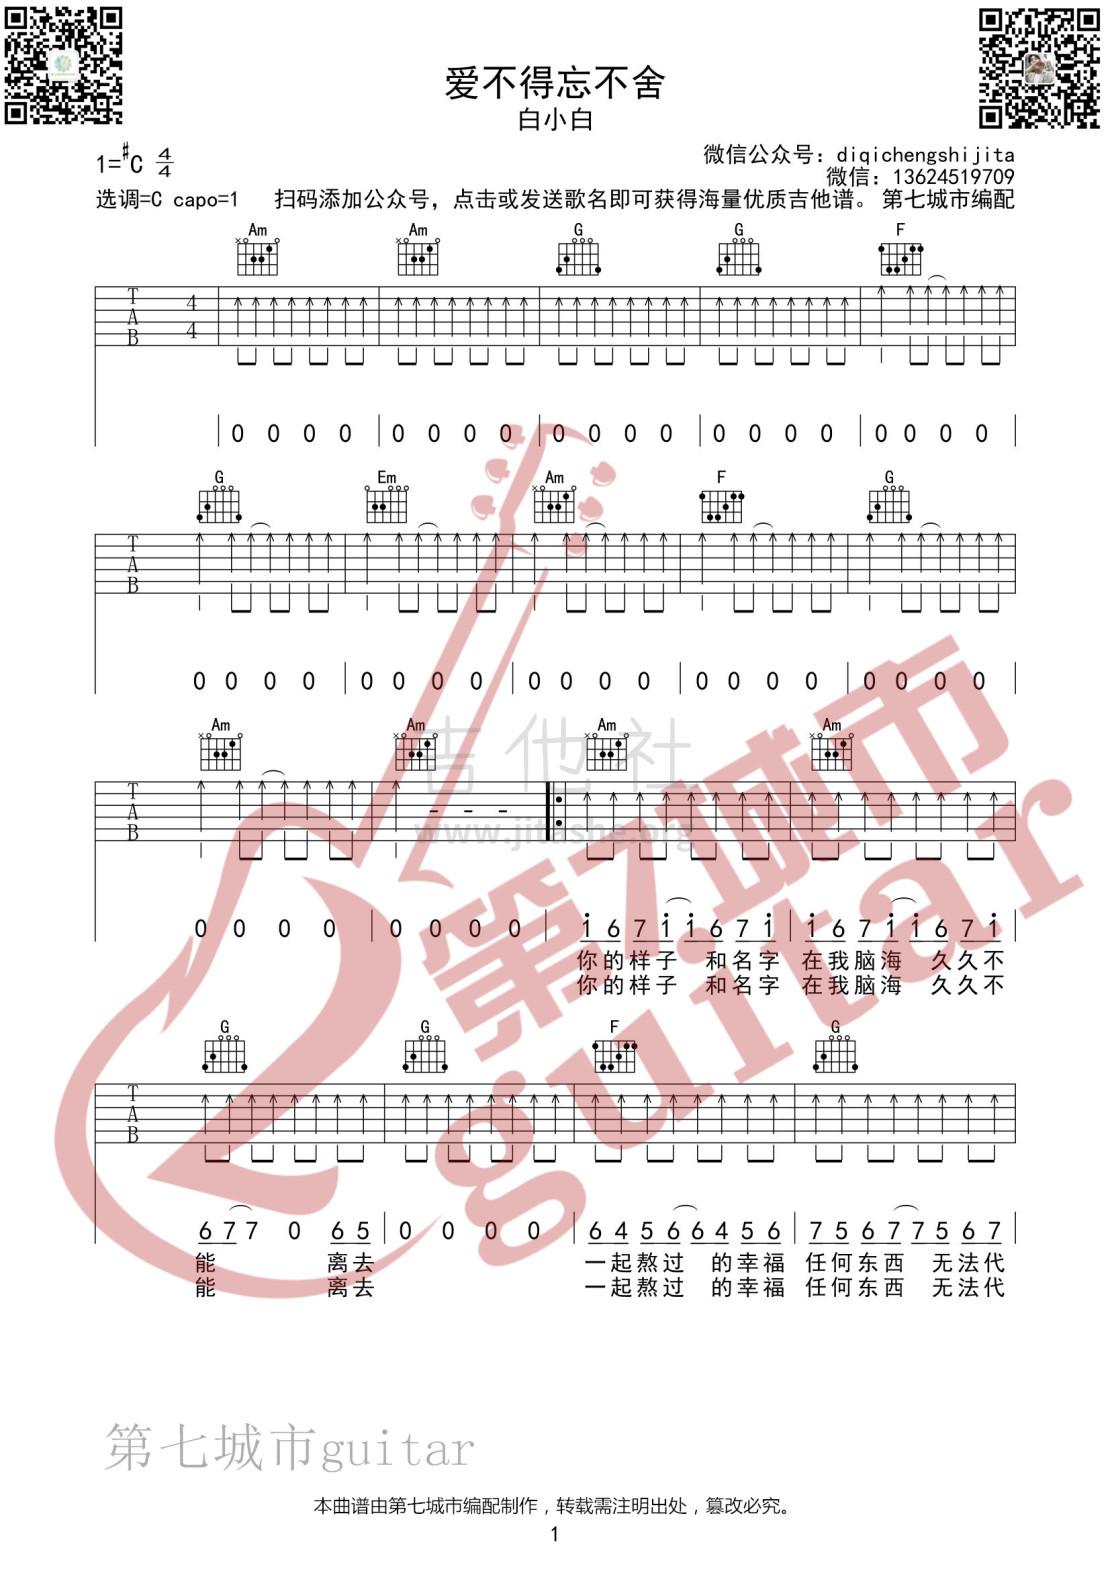 爱不得忘不舍吉他谱(图片谱,白小白,第七城市,弹唱)_白小白_爱不得忘不舍水印二维码01_.jpg